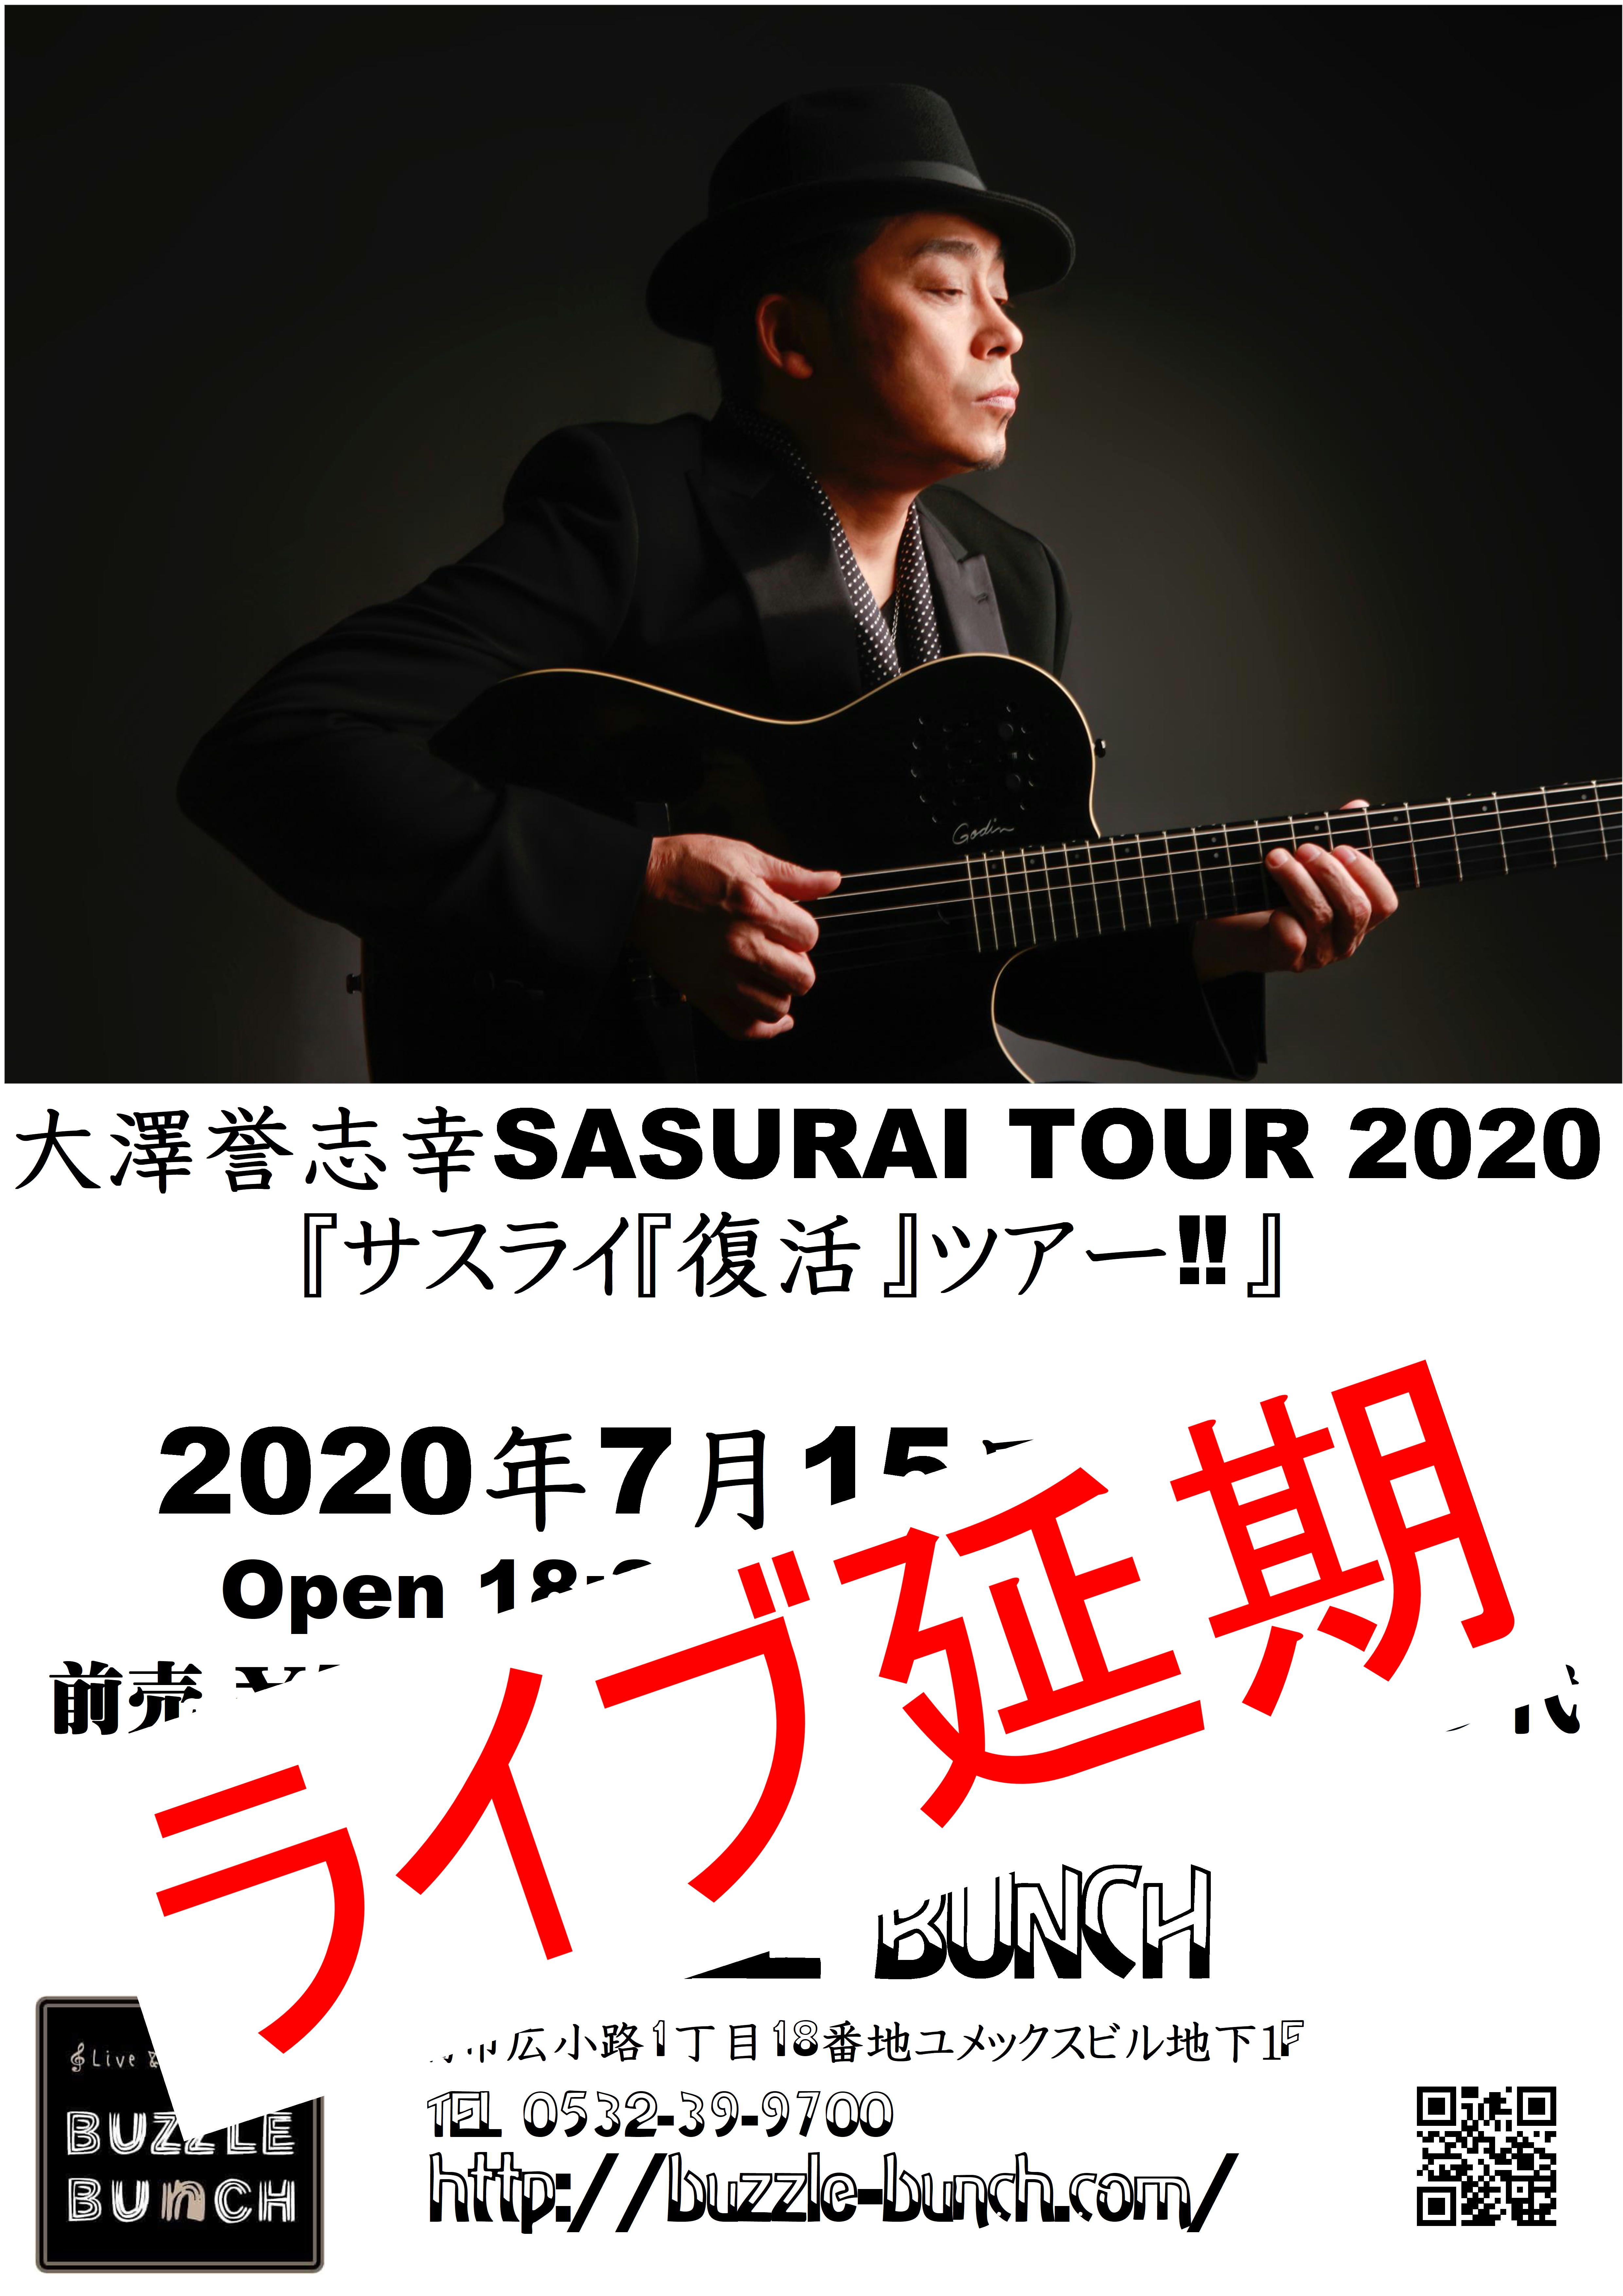 2020年7月15日(水) 大澤誉志幸 SASURAI TOUR2020 ライブ延期について